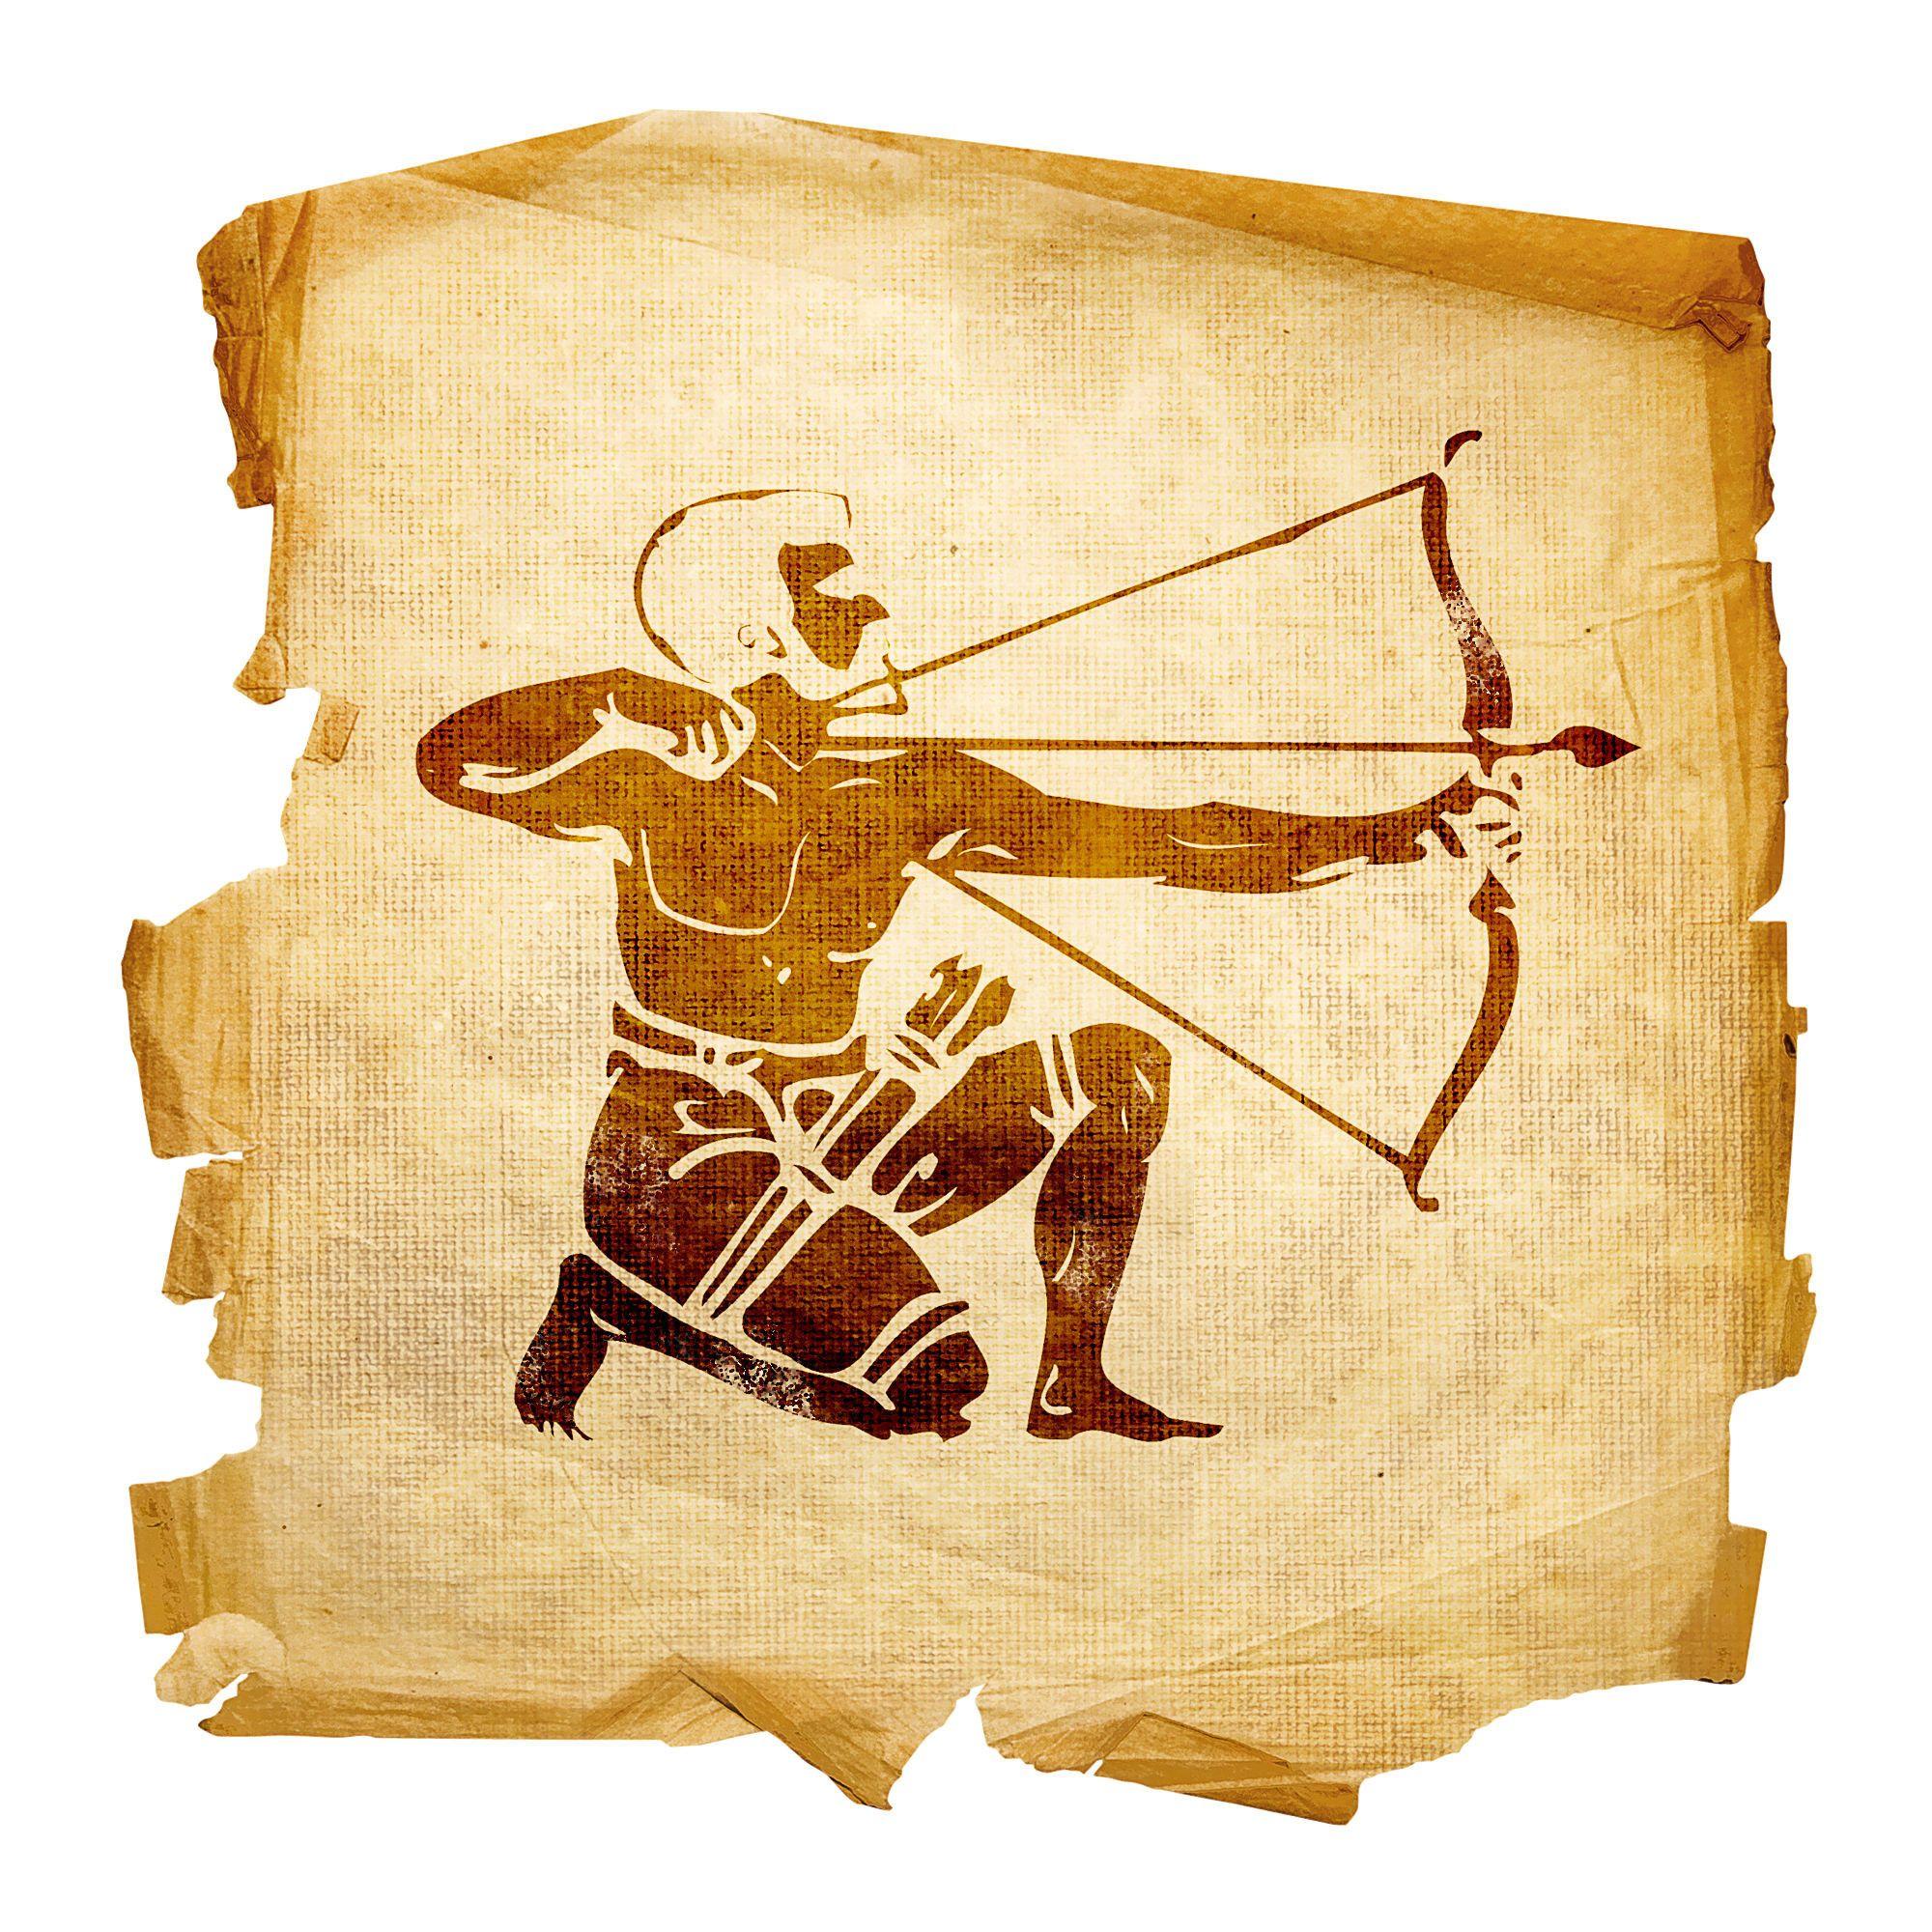 Знаки, гороскоп, гороскоп на сьогодні, гороскоп на сьогодні, знаки зодіаку, 12 знаків зодіаку, гороскоп на завтра, гороскоп на сьогодні Стрілець, Стрілець, астрологічні прогнози_5